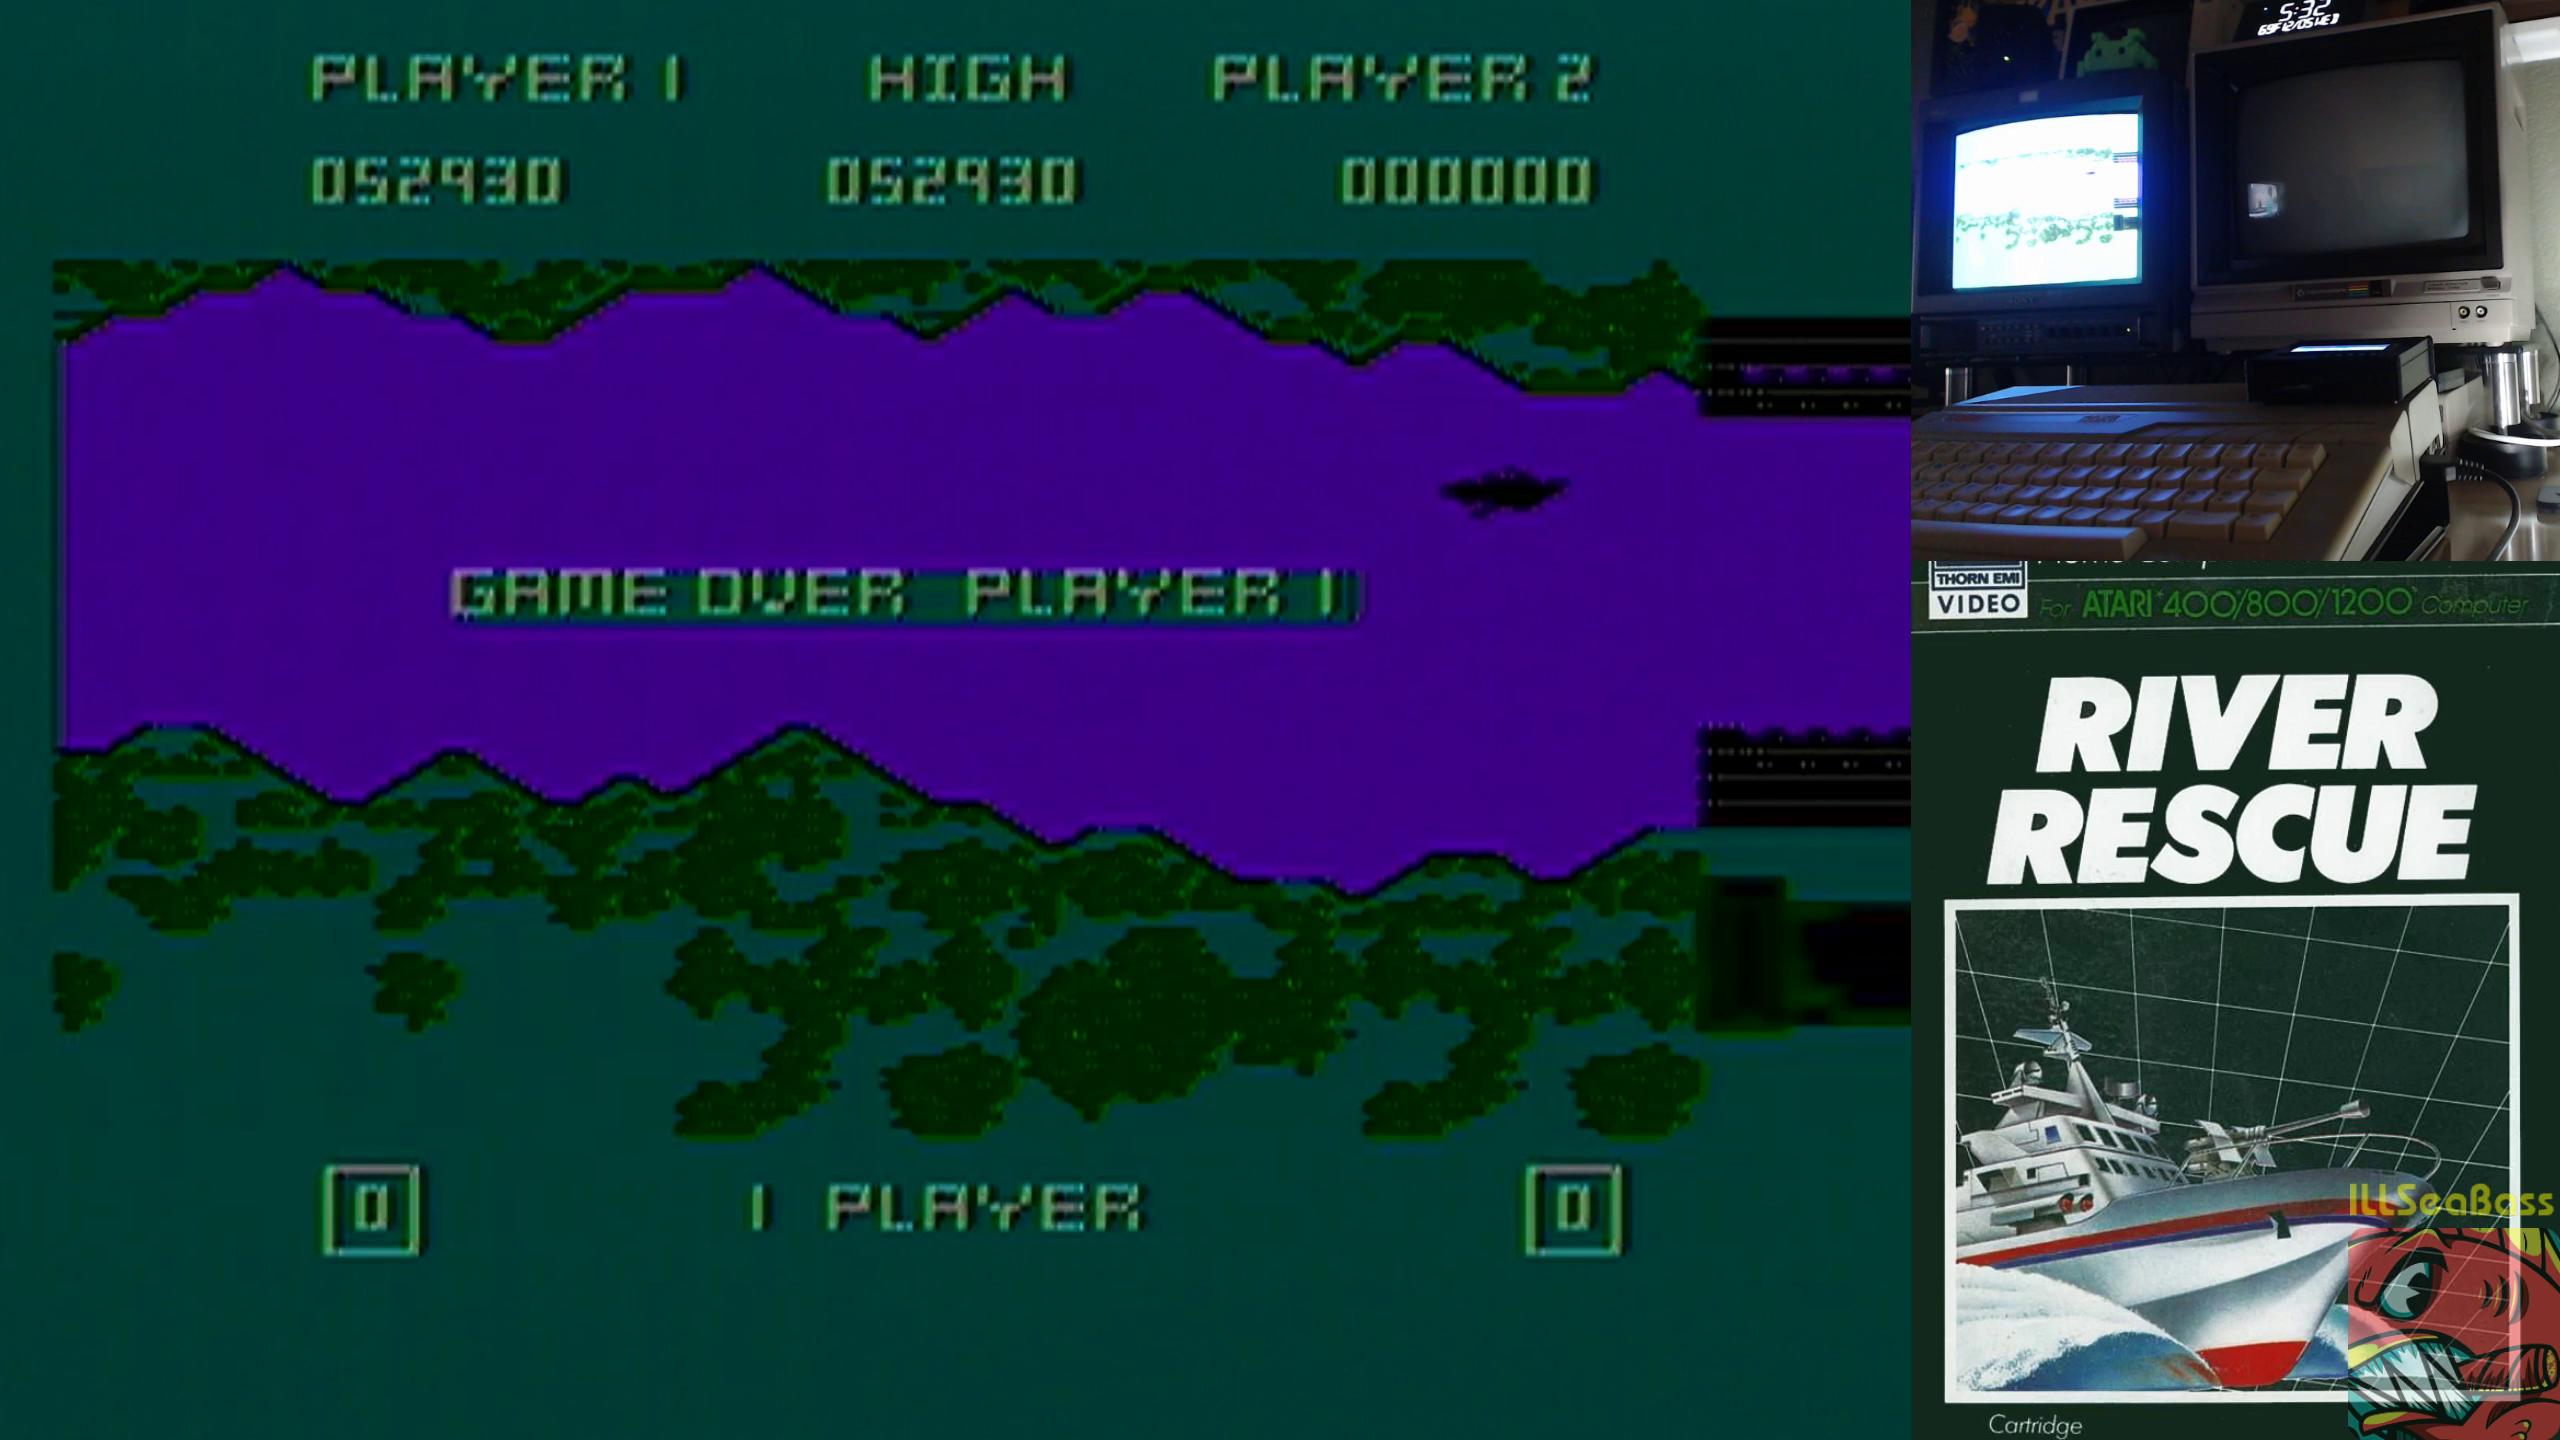 ILLSeaBass: River Rescue (Atari 400/800/XL/XE) 52,930 points on 2018-12-05 20:27:54